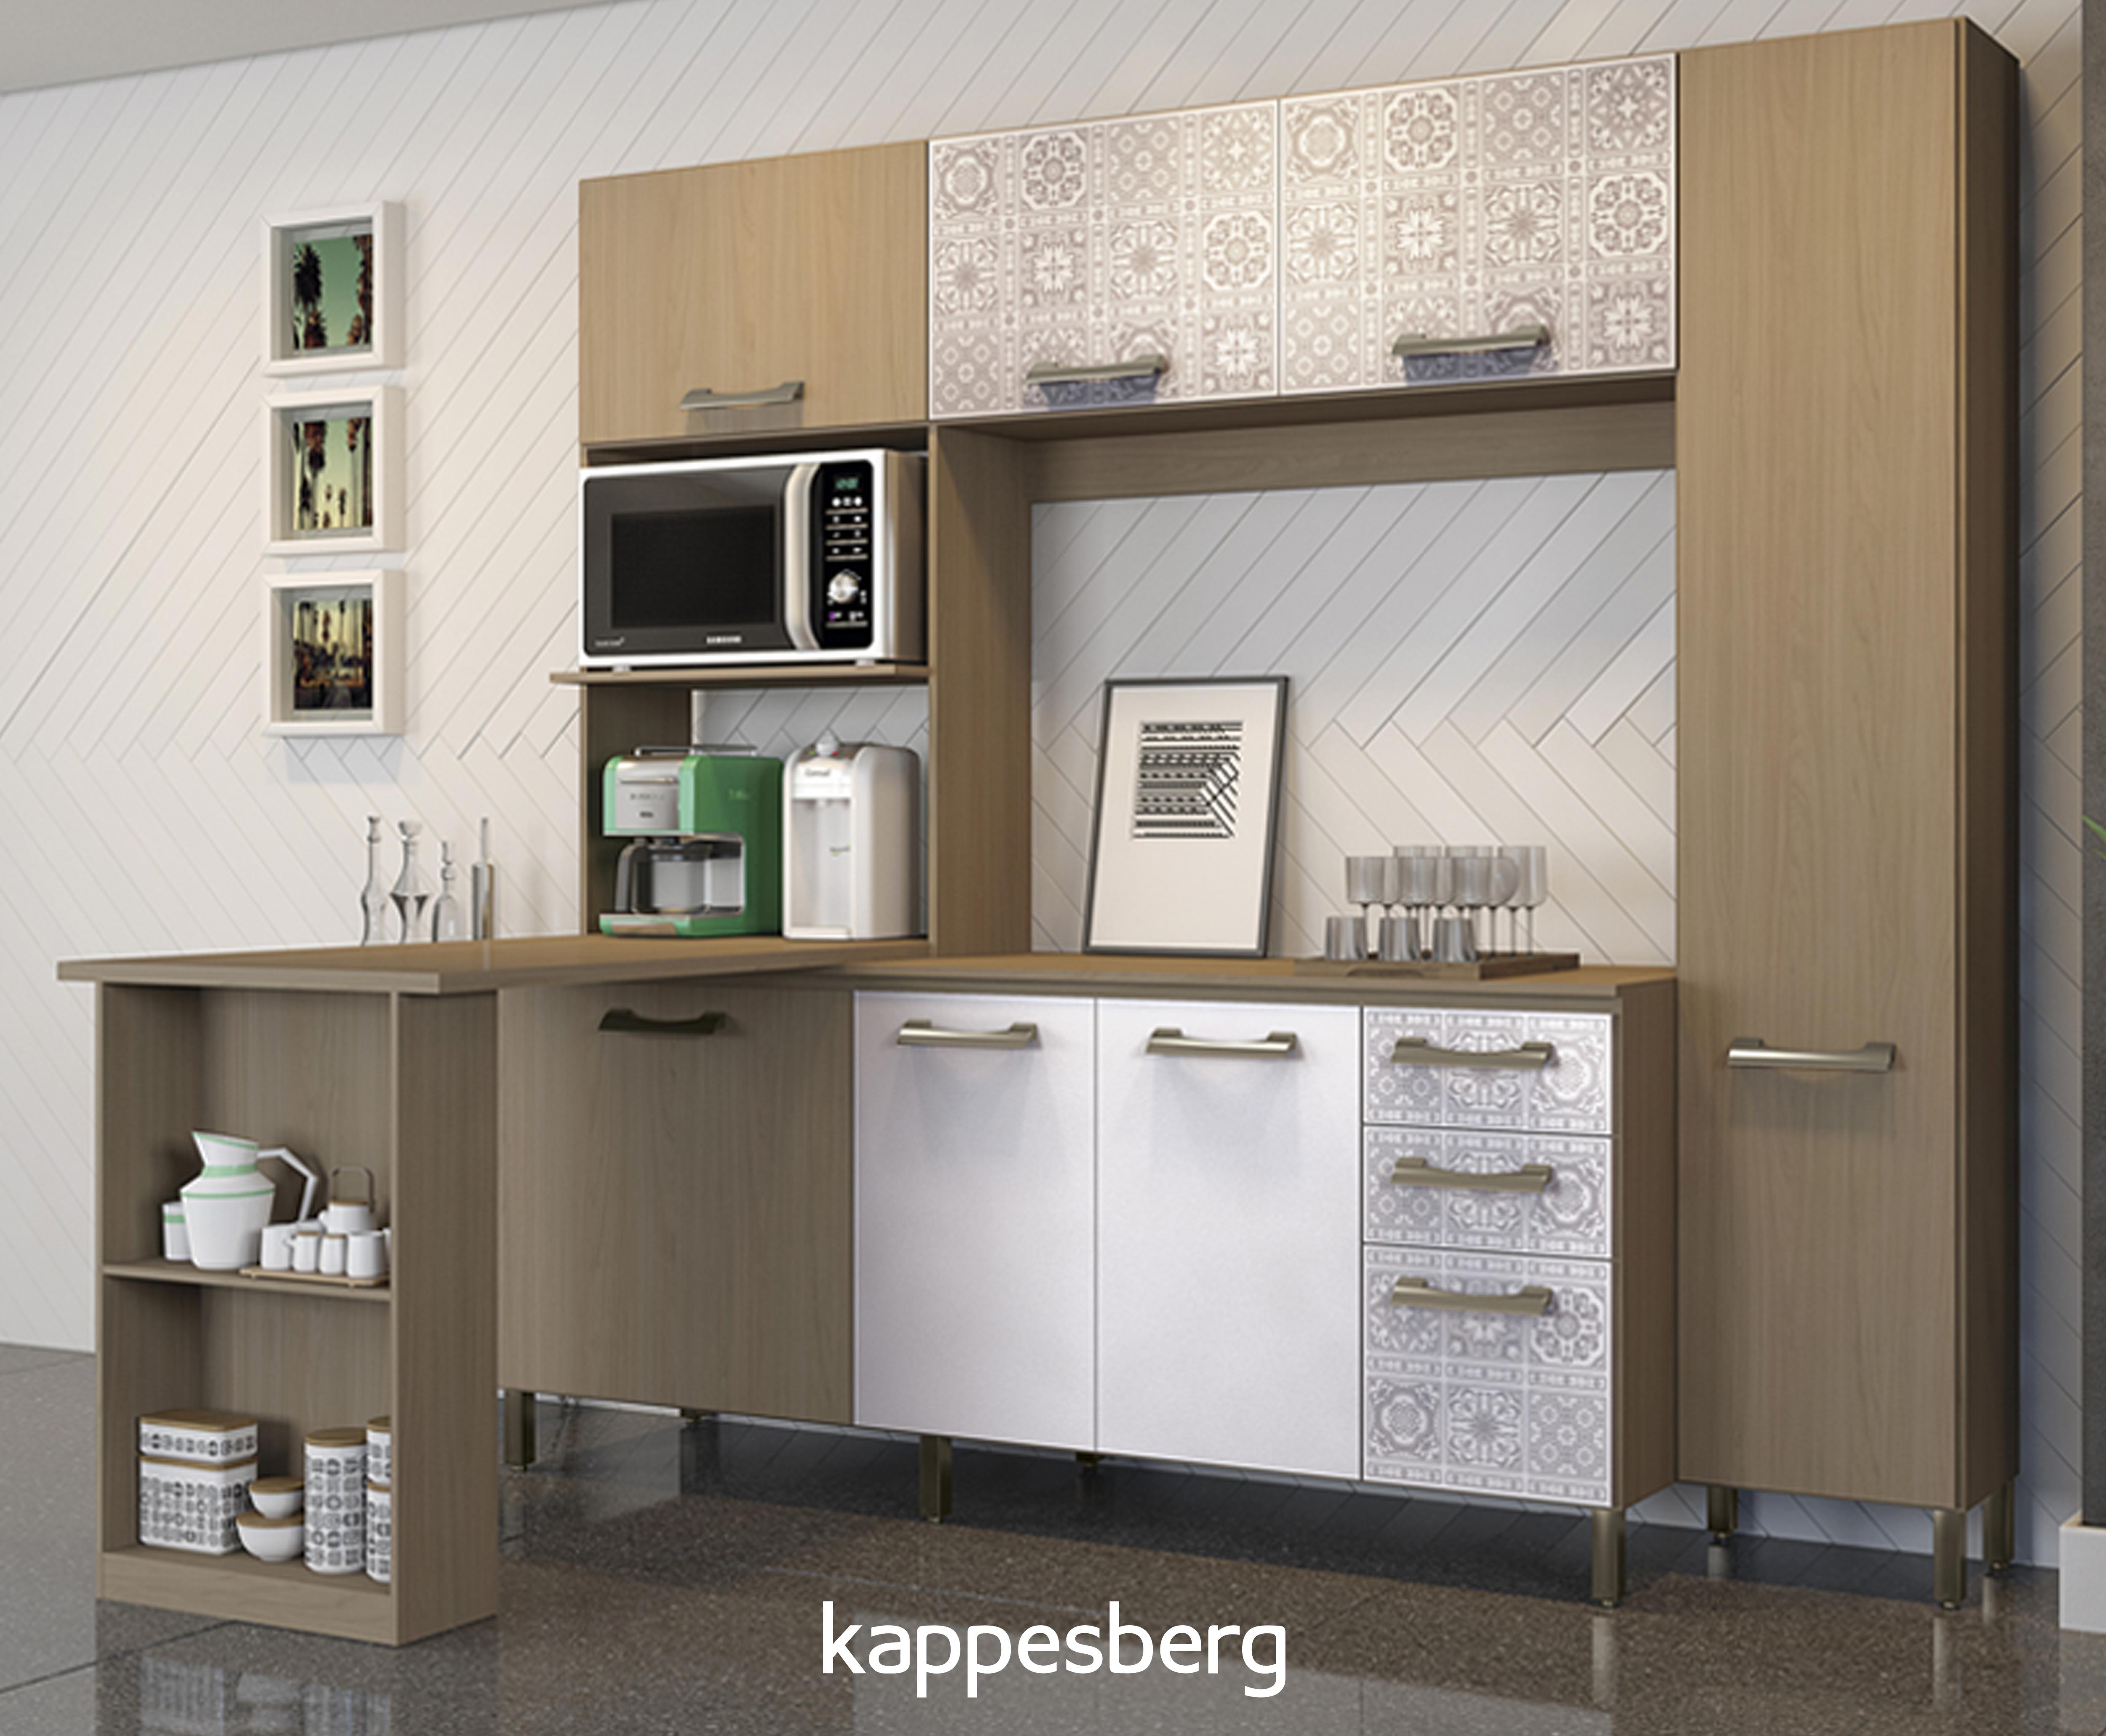 Cozinha Compacta Sense Da Kappesberg Cozinhas Kappesberg Pinterest